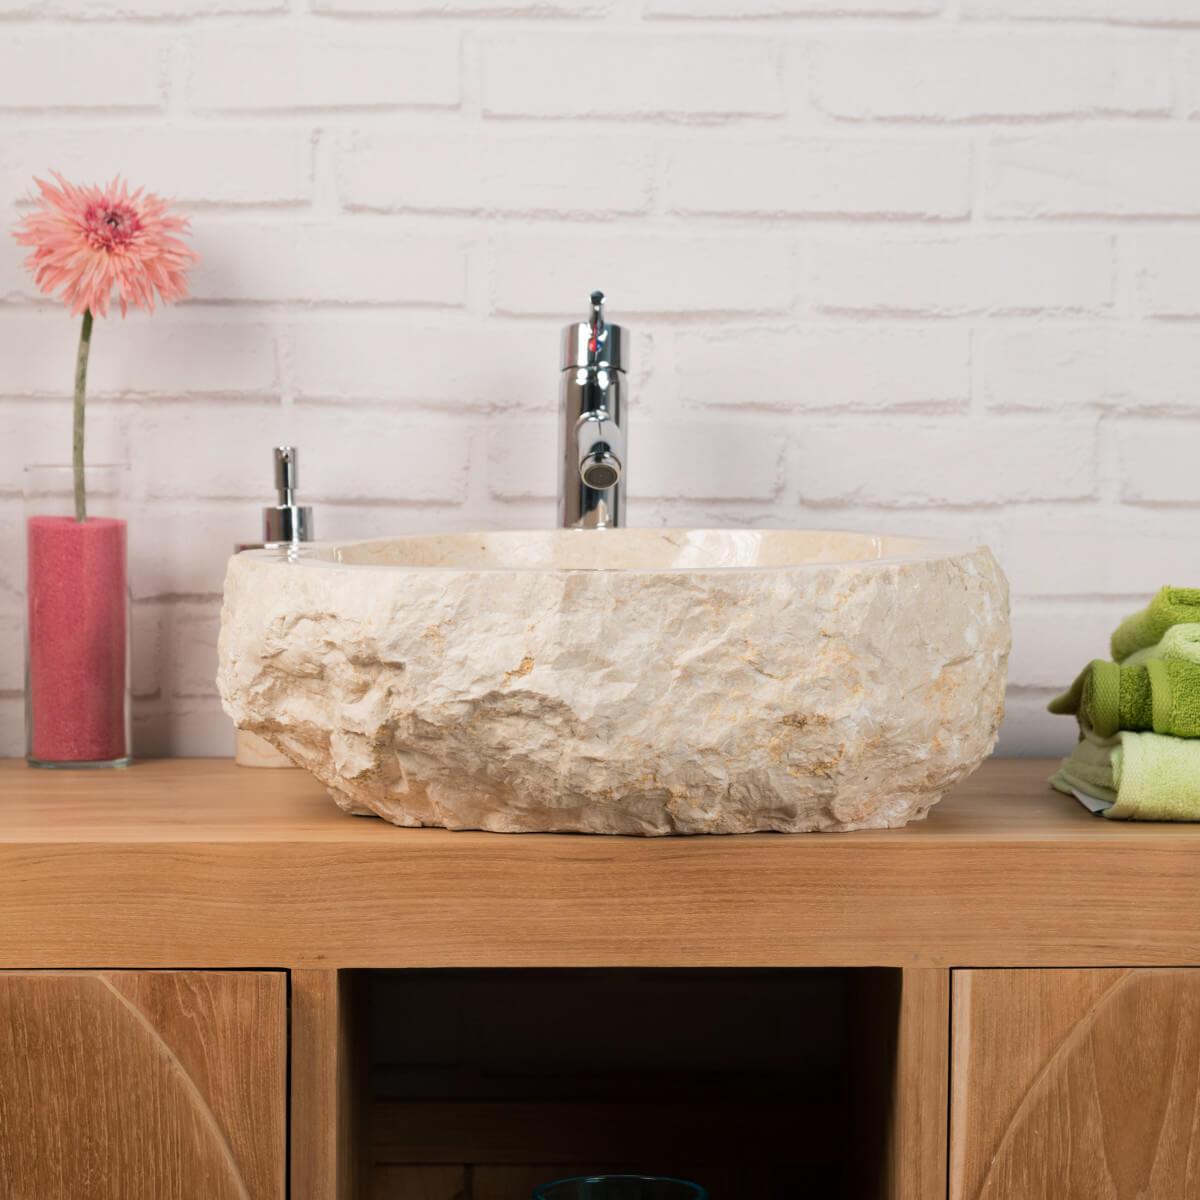 lavabo sobre encimera de mármol: Roca, rectángulo, crema, ancho: 35 ...